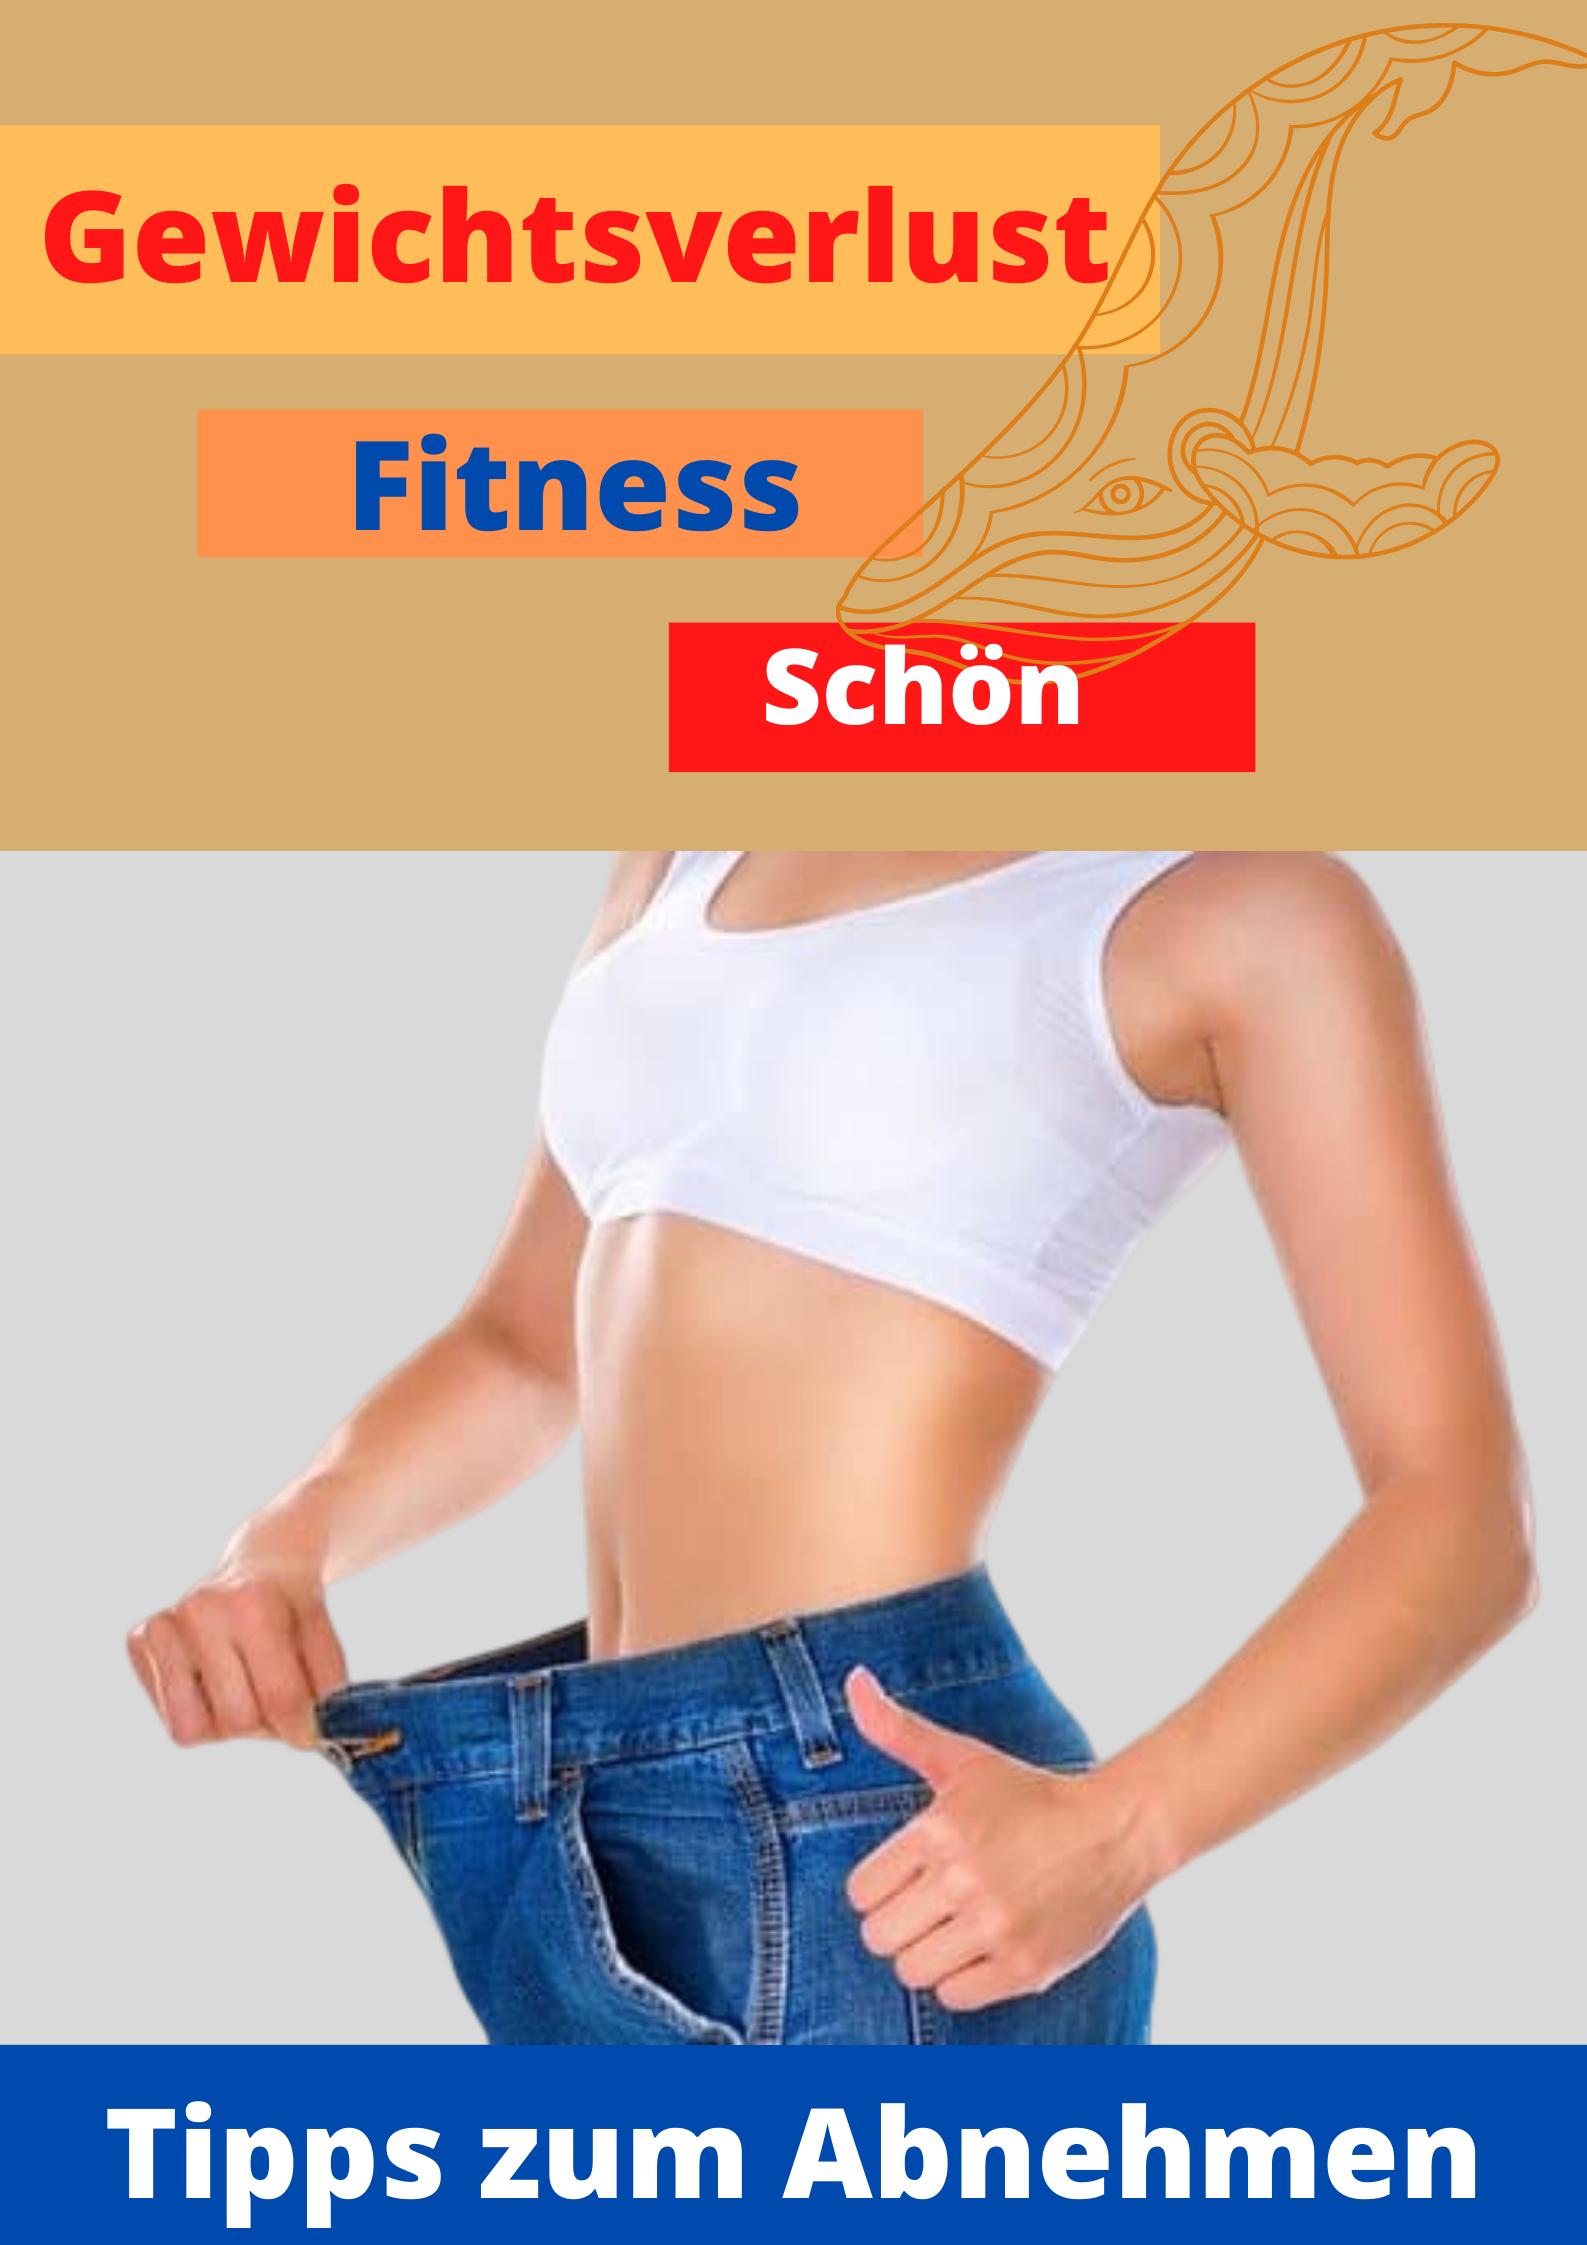 Übergewicht: Zunehmen trotz Diät und Sport? - FOCUS Online